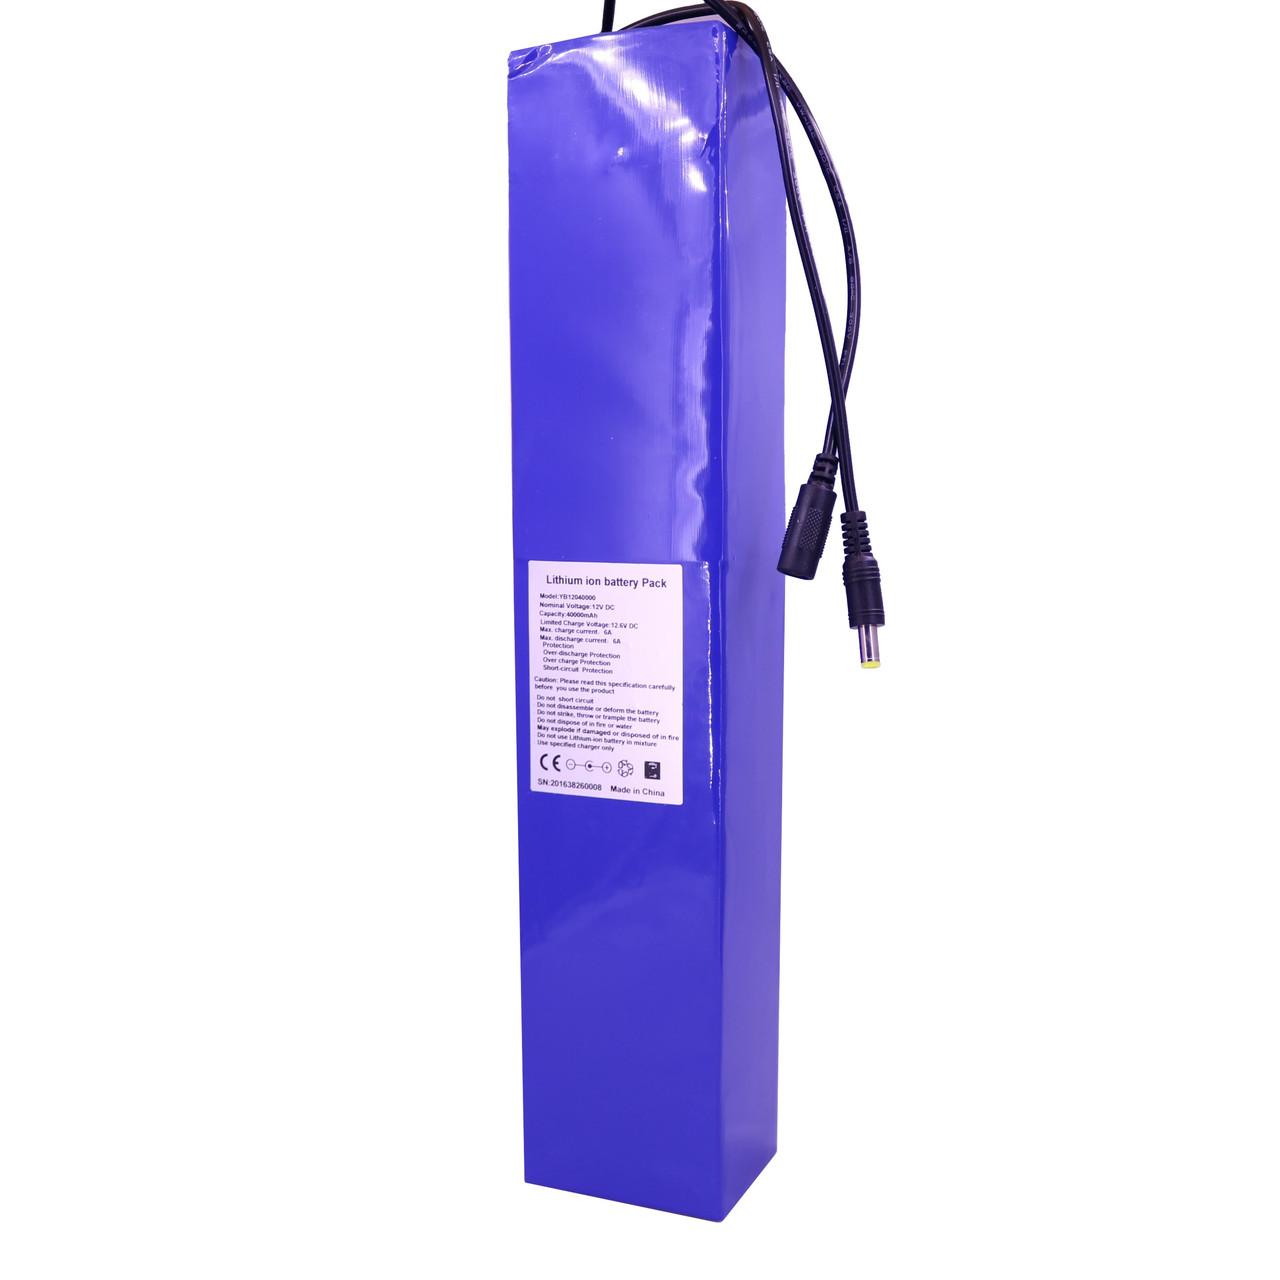 Літій іонний акумулятор 12 В ємністю 40 А*год універсальний (YABO-12040000)